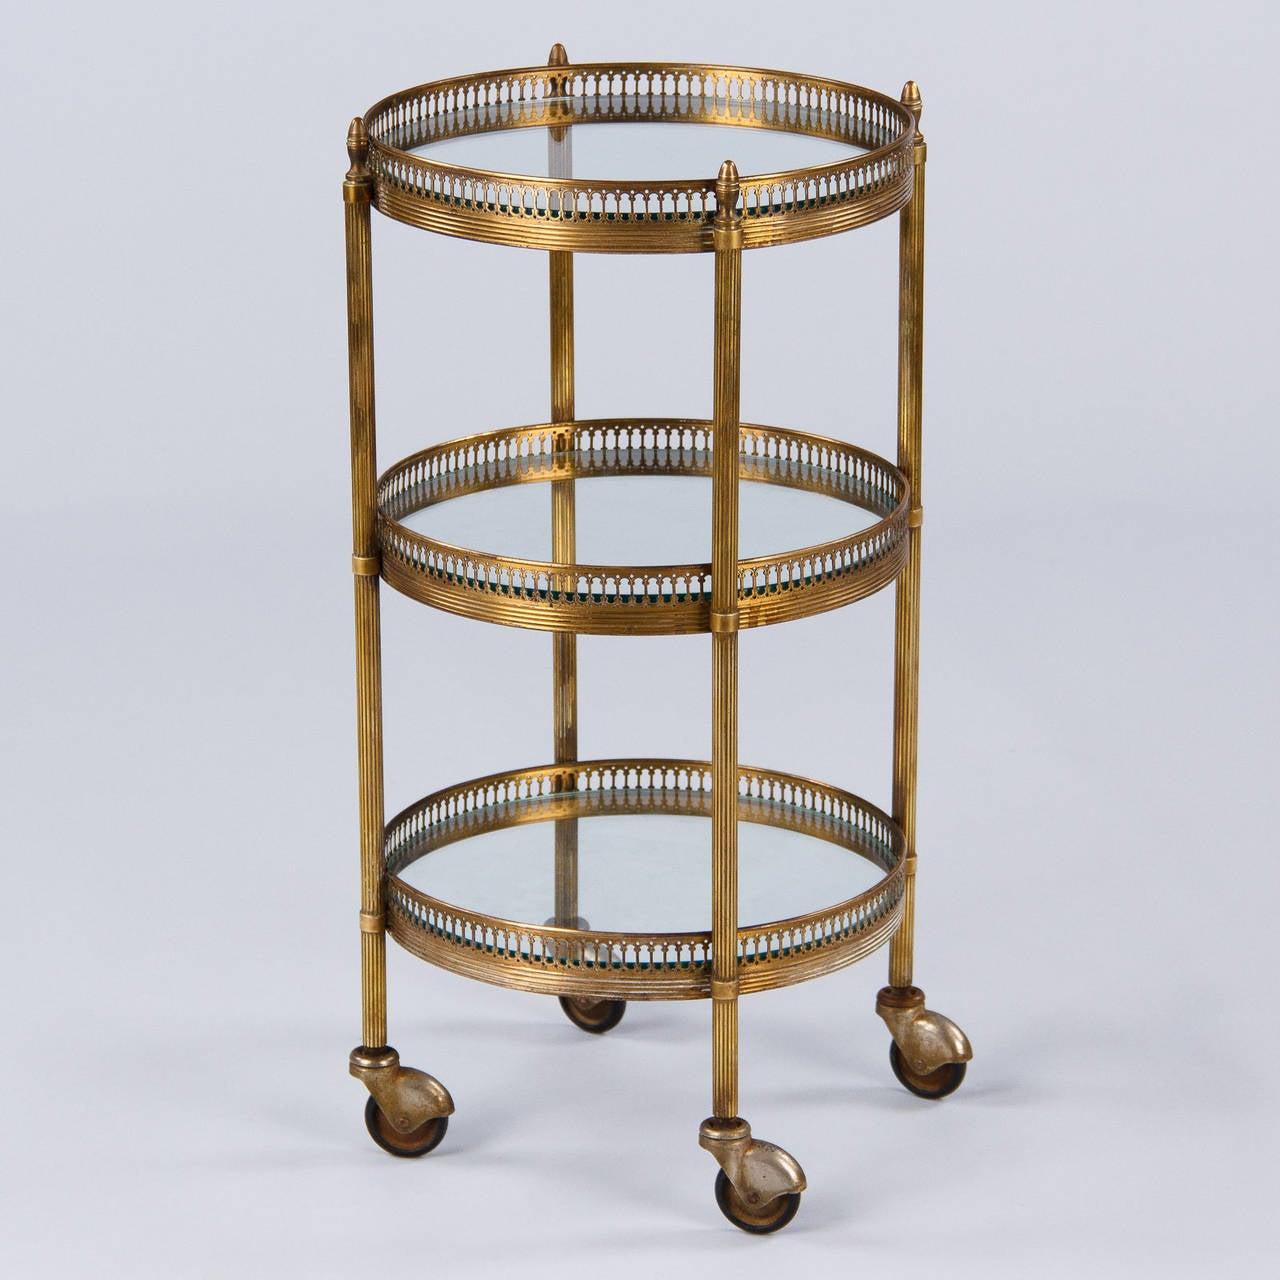 French Mid-Century Round Brass Three-Tier Bar Cart or Side Table 3 - French Mid-Century Round Brass Three-Tier Bar Cart Or Side Table